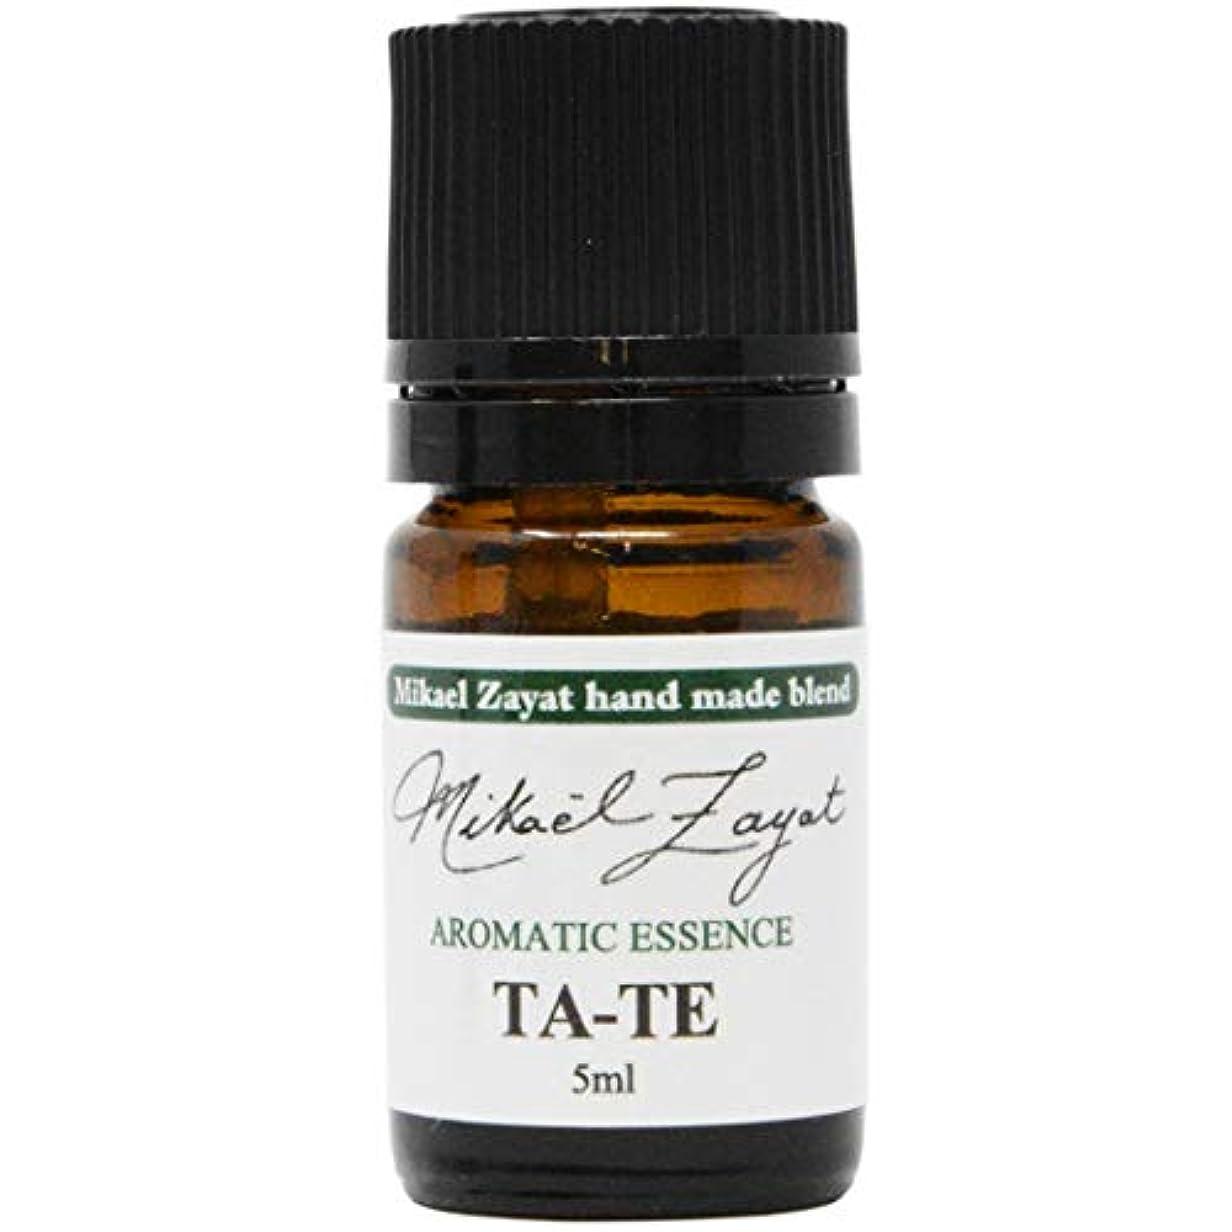 ゴネリル腰規定ミカエルザヤット 盾 TA-TE 5ml / Mikael Zayat hand made blend 日本国内正規品 (ミカエルザヤット エッセンシャルオイル)